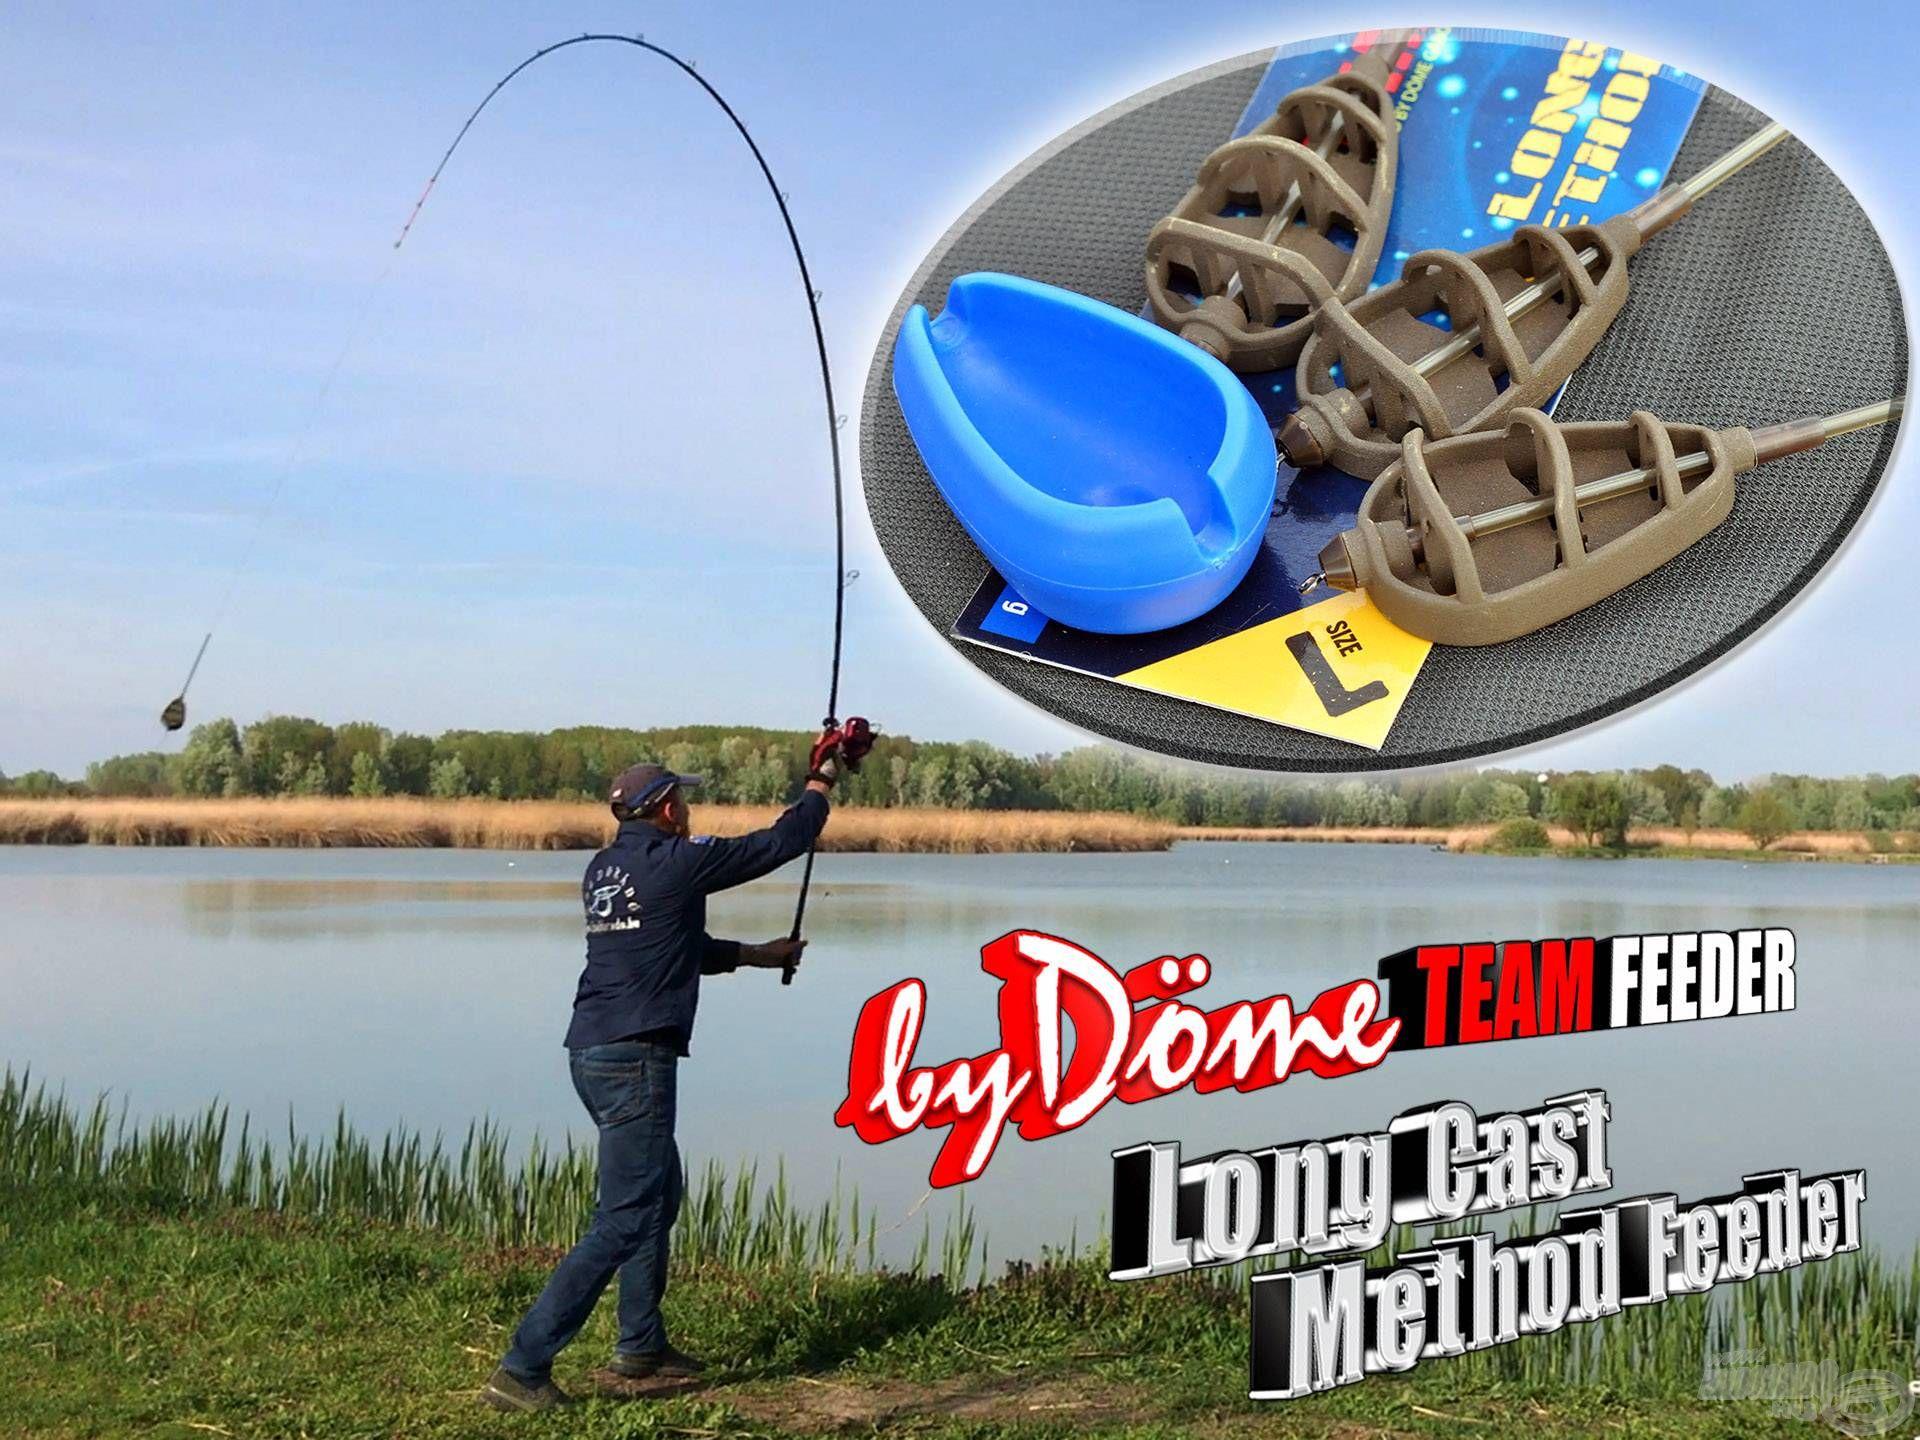 A nagy távolságú method feeder horgászathoz fejlesztett eszközök egy újabb hasznos darabbal bővültek